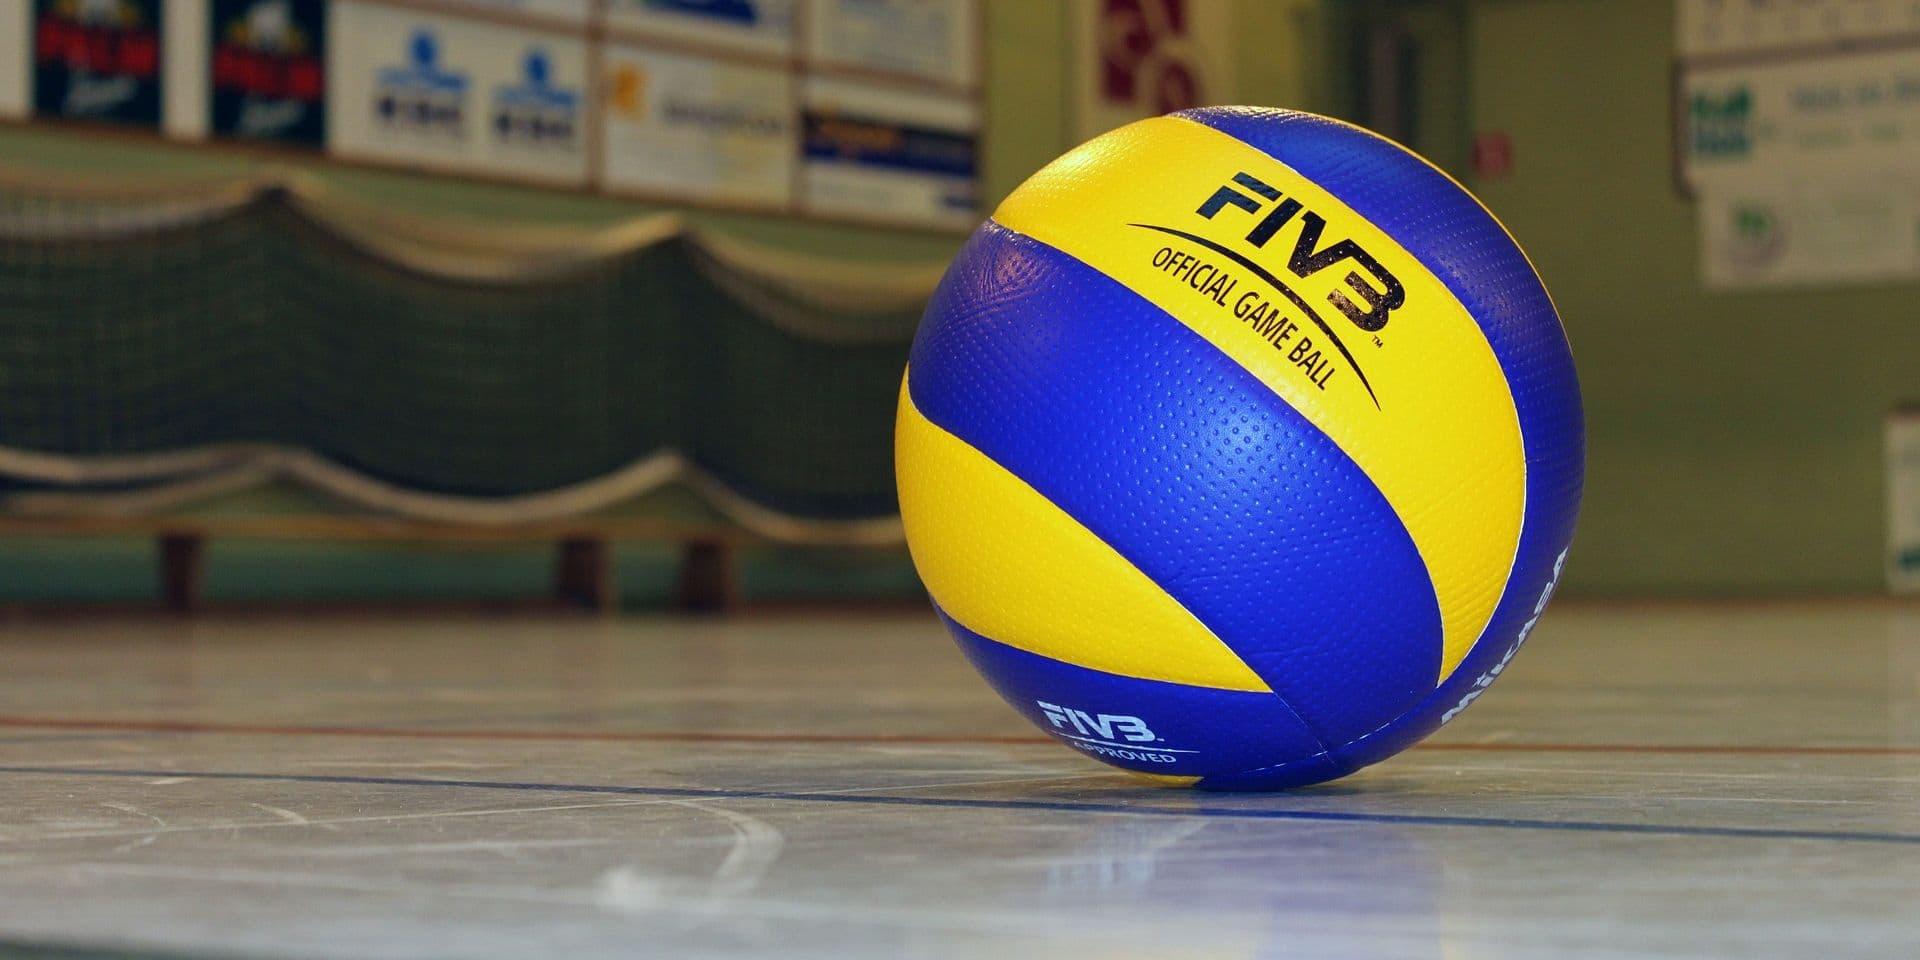 Volley-ball: Waremme rapatrie un jeune passeur